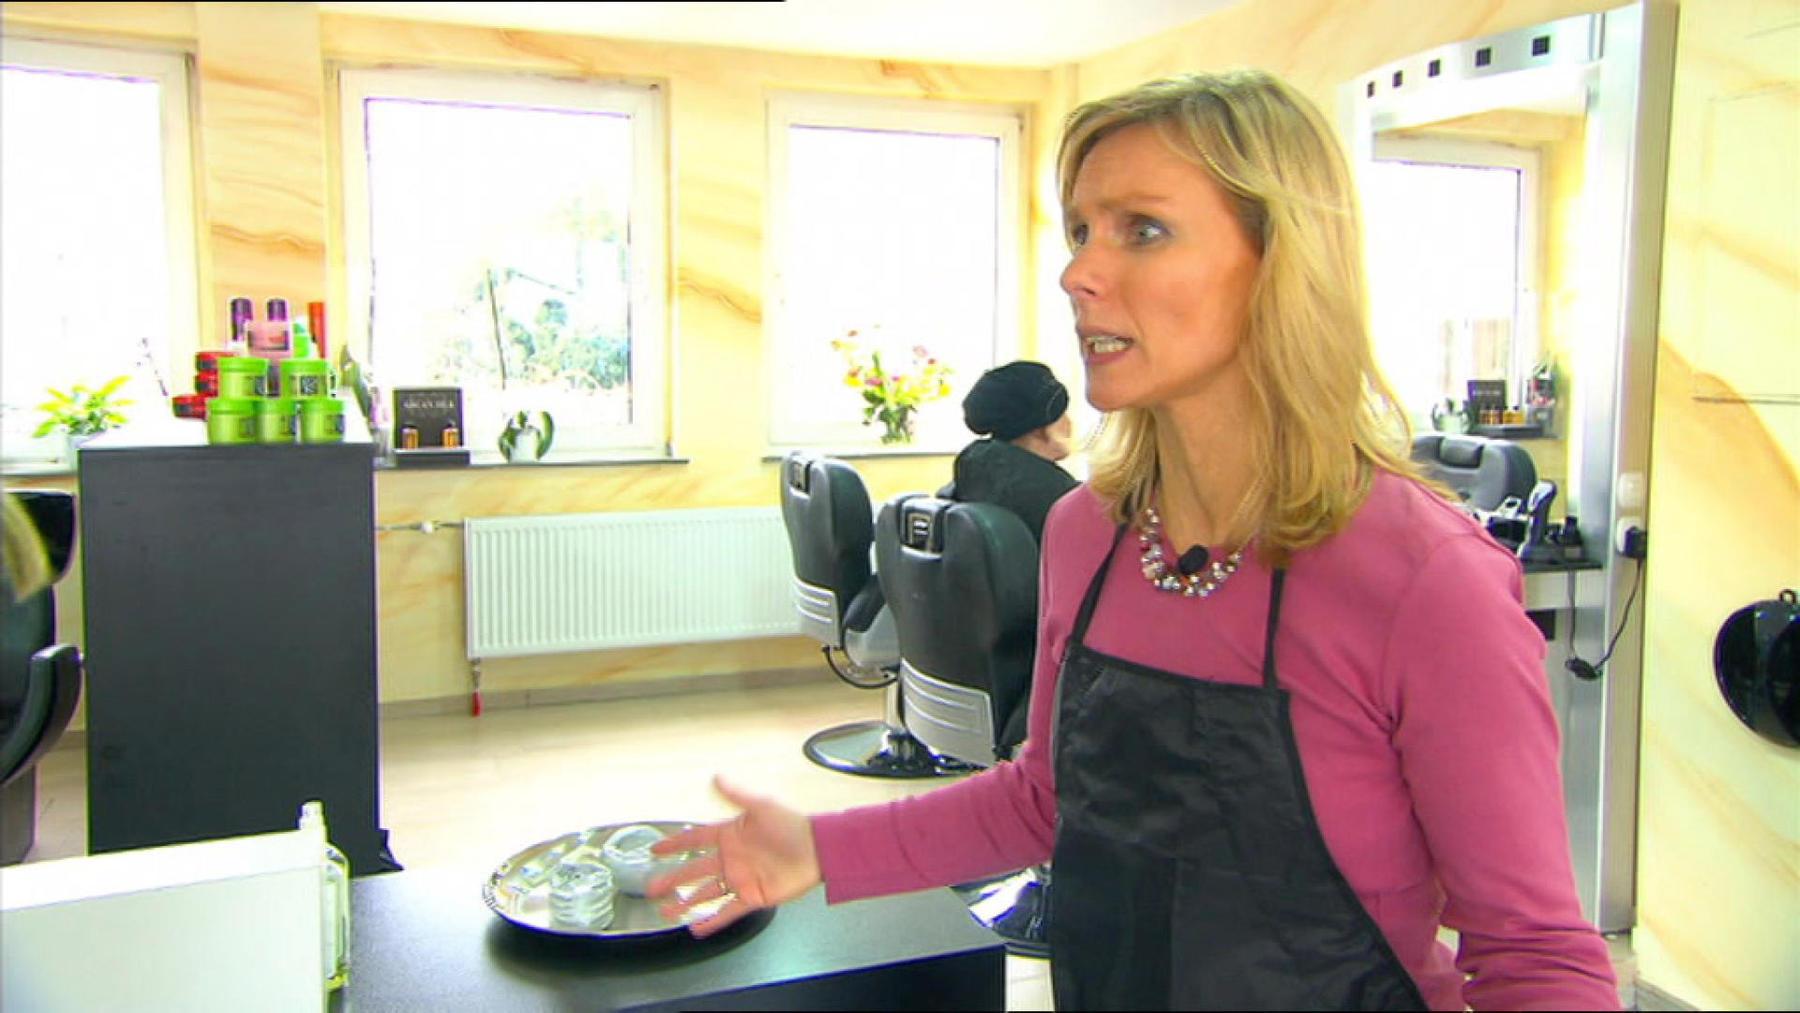 Engagierte Friseurmeisterin verzweifelt an jungem Nachwuchs